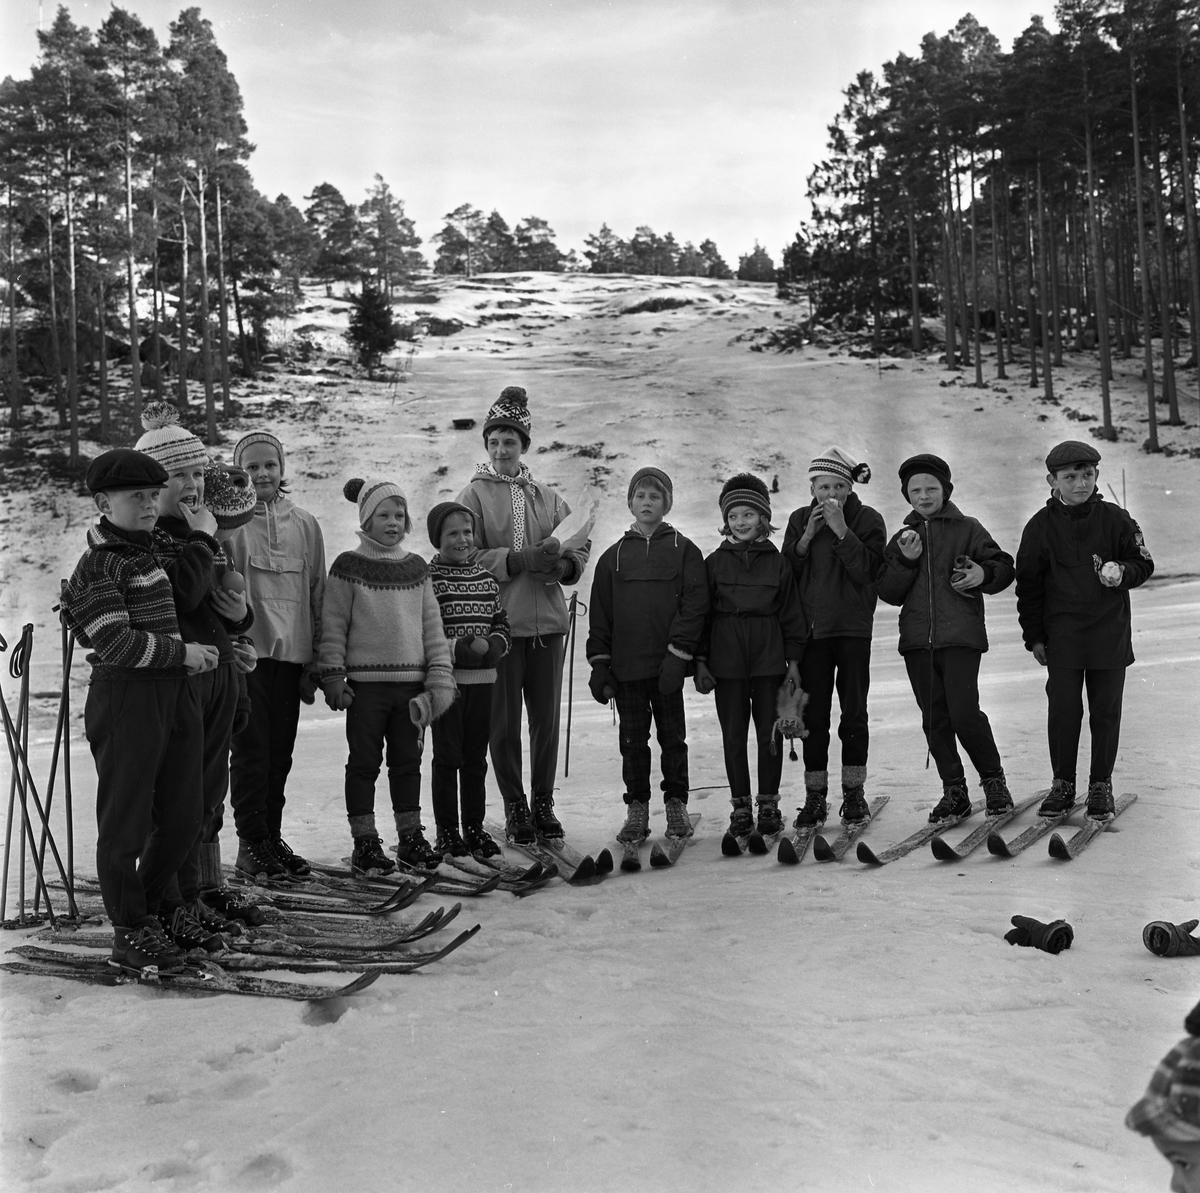 Barnskidskolan har avslutning. Elva barn och en lärare är uppställda nedanför backen. De har längdskidor på sig medan stavarna är satta i snön. De är klädda i stickade tröjor och mössor eller i anorack. De har fått var sitt äpple.